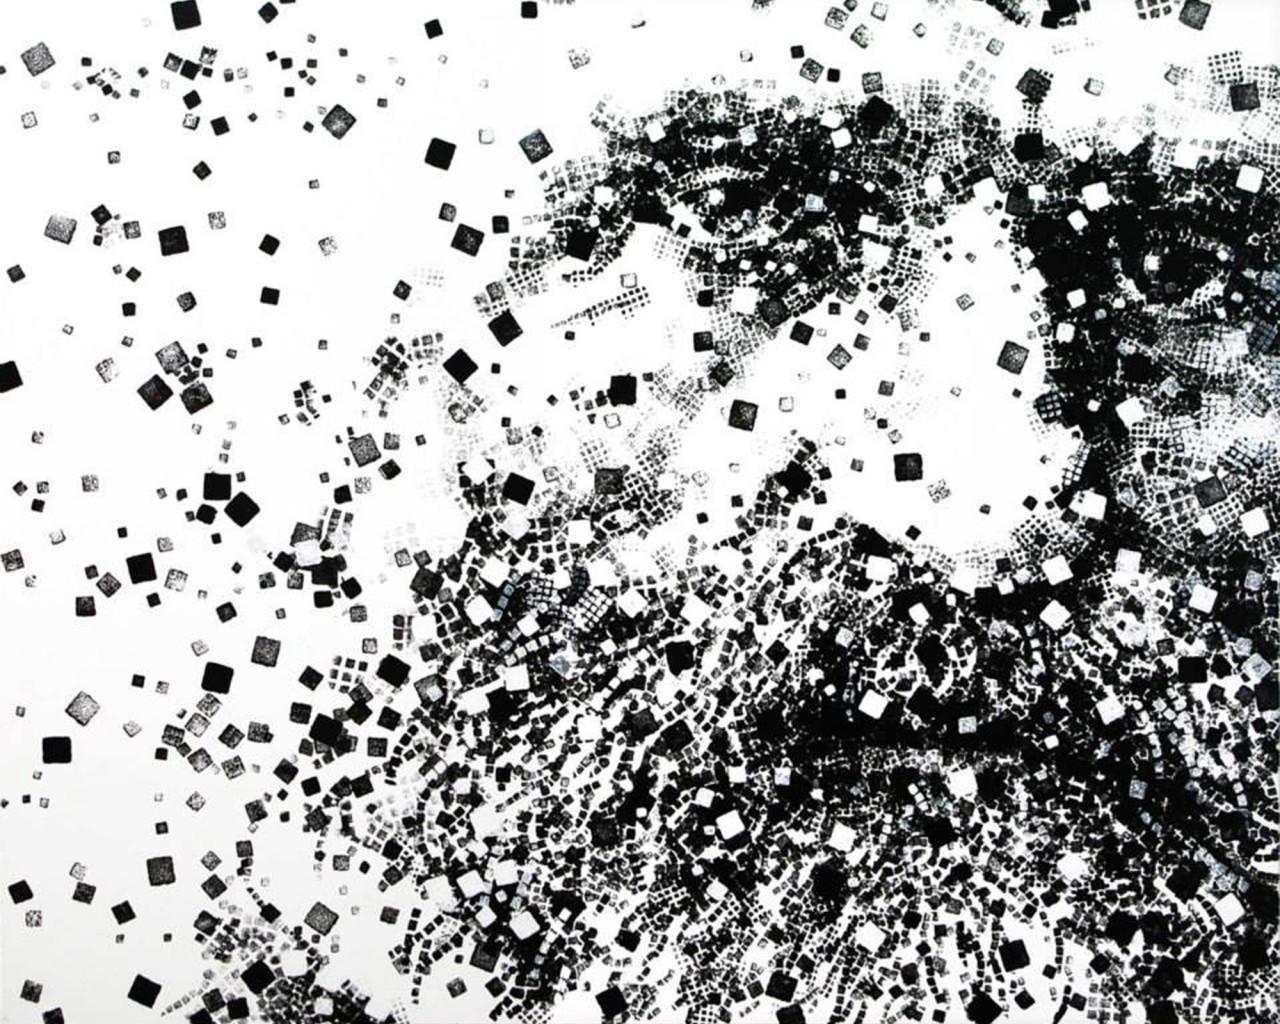 Omaggio a Giuseppe Verdi, 2013, acrilico su tela 105x130 cm